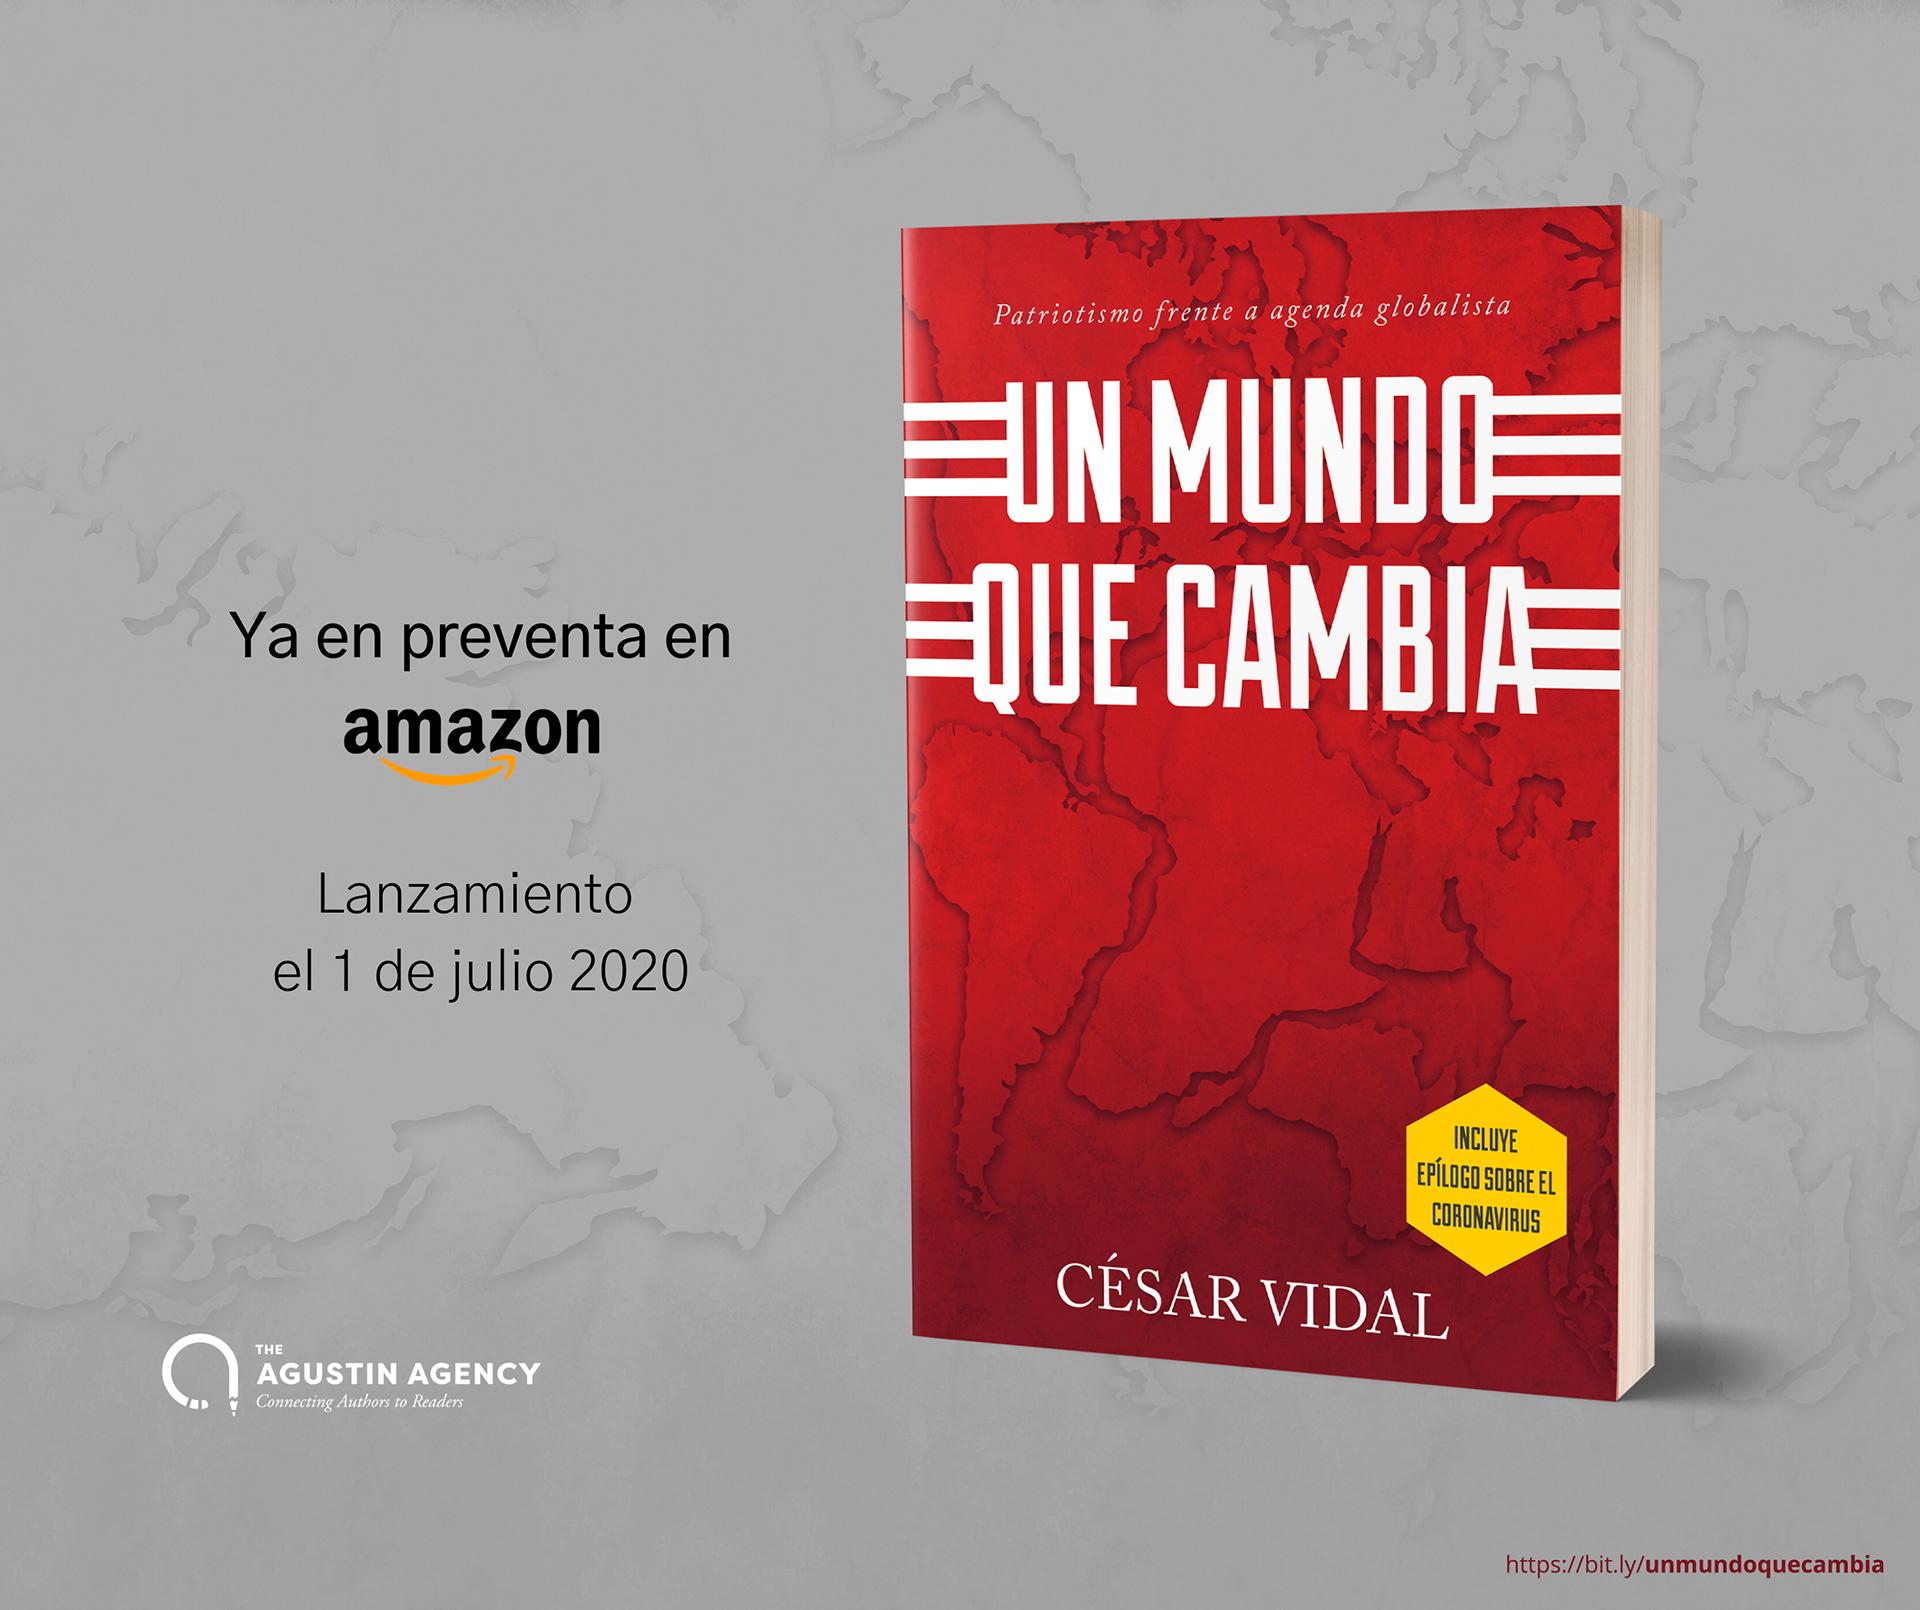 Ya puedes reservar el libro de César Vidal Un mundo que cambia en Amazon